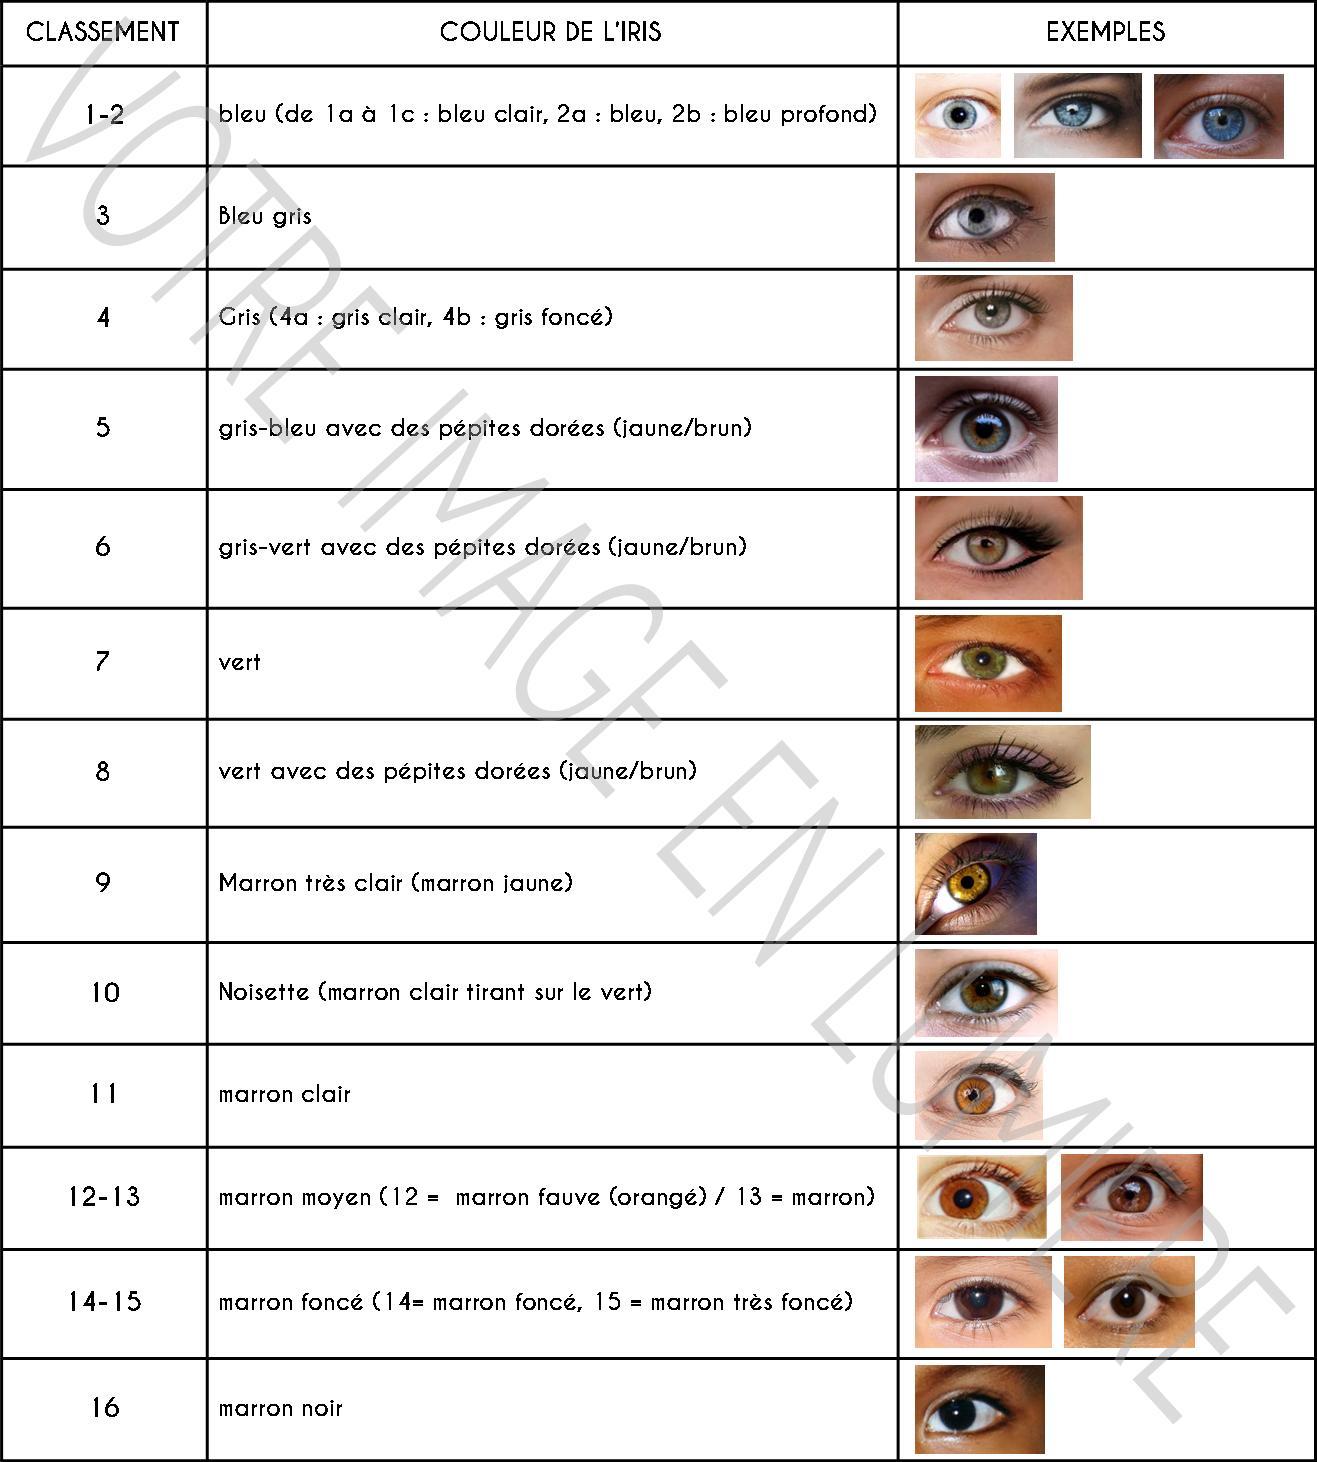 Classement couleur des yeux selon Martin-Schultz - Votre image en lumière